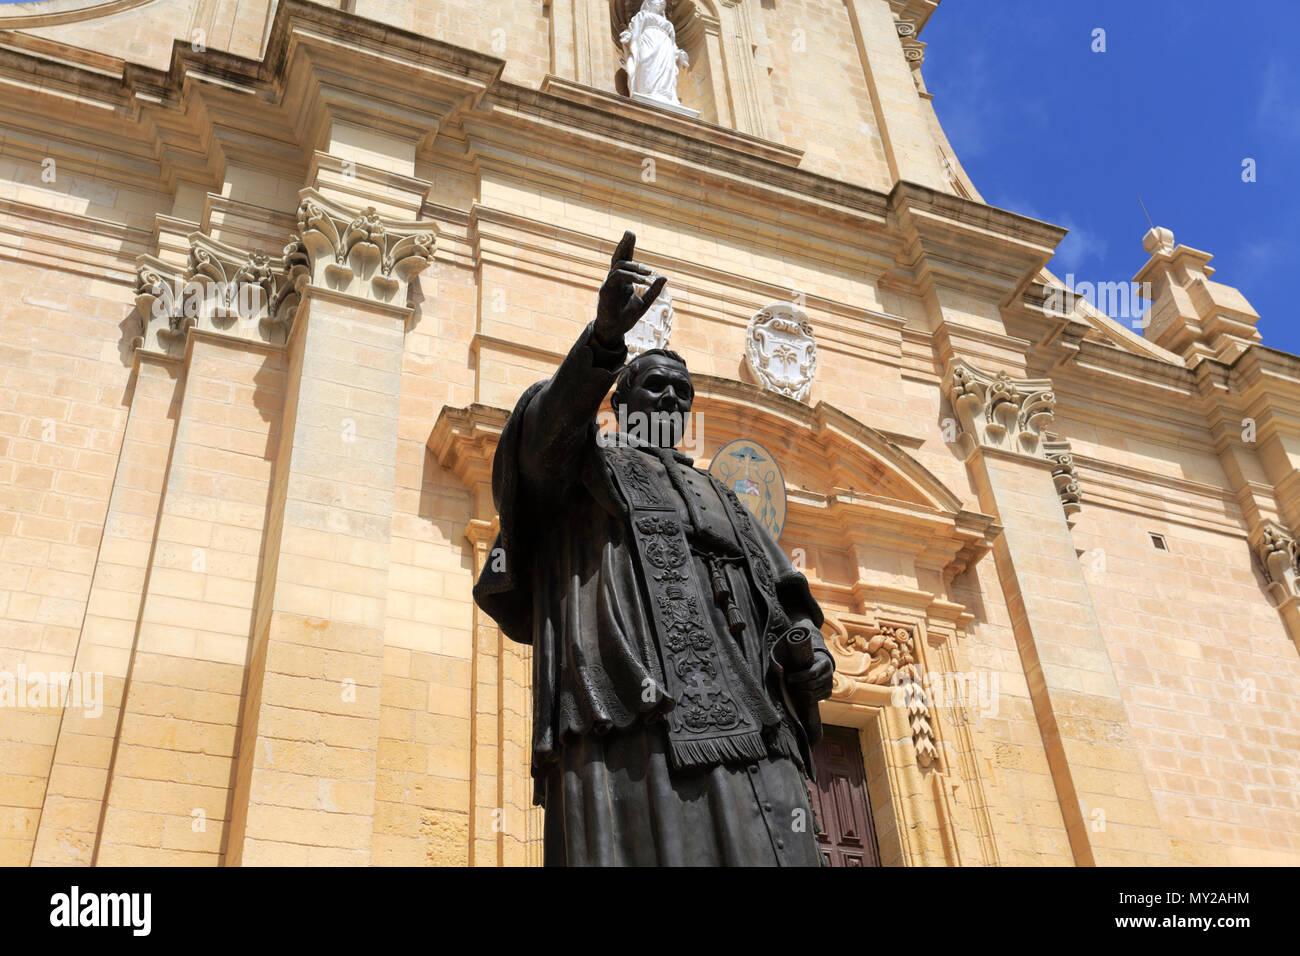 Vista estiva della Cittadella di Victoria, la capitale dell'isola di Gozo, Malta Immagini Stock